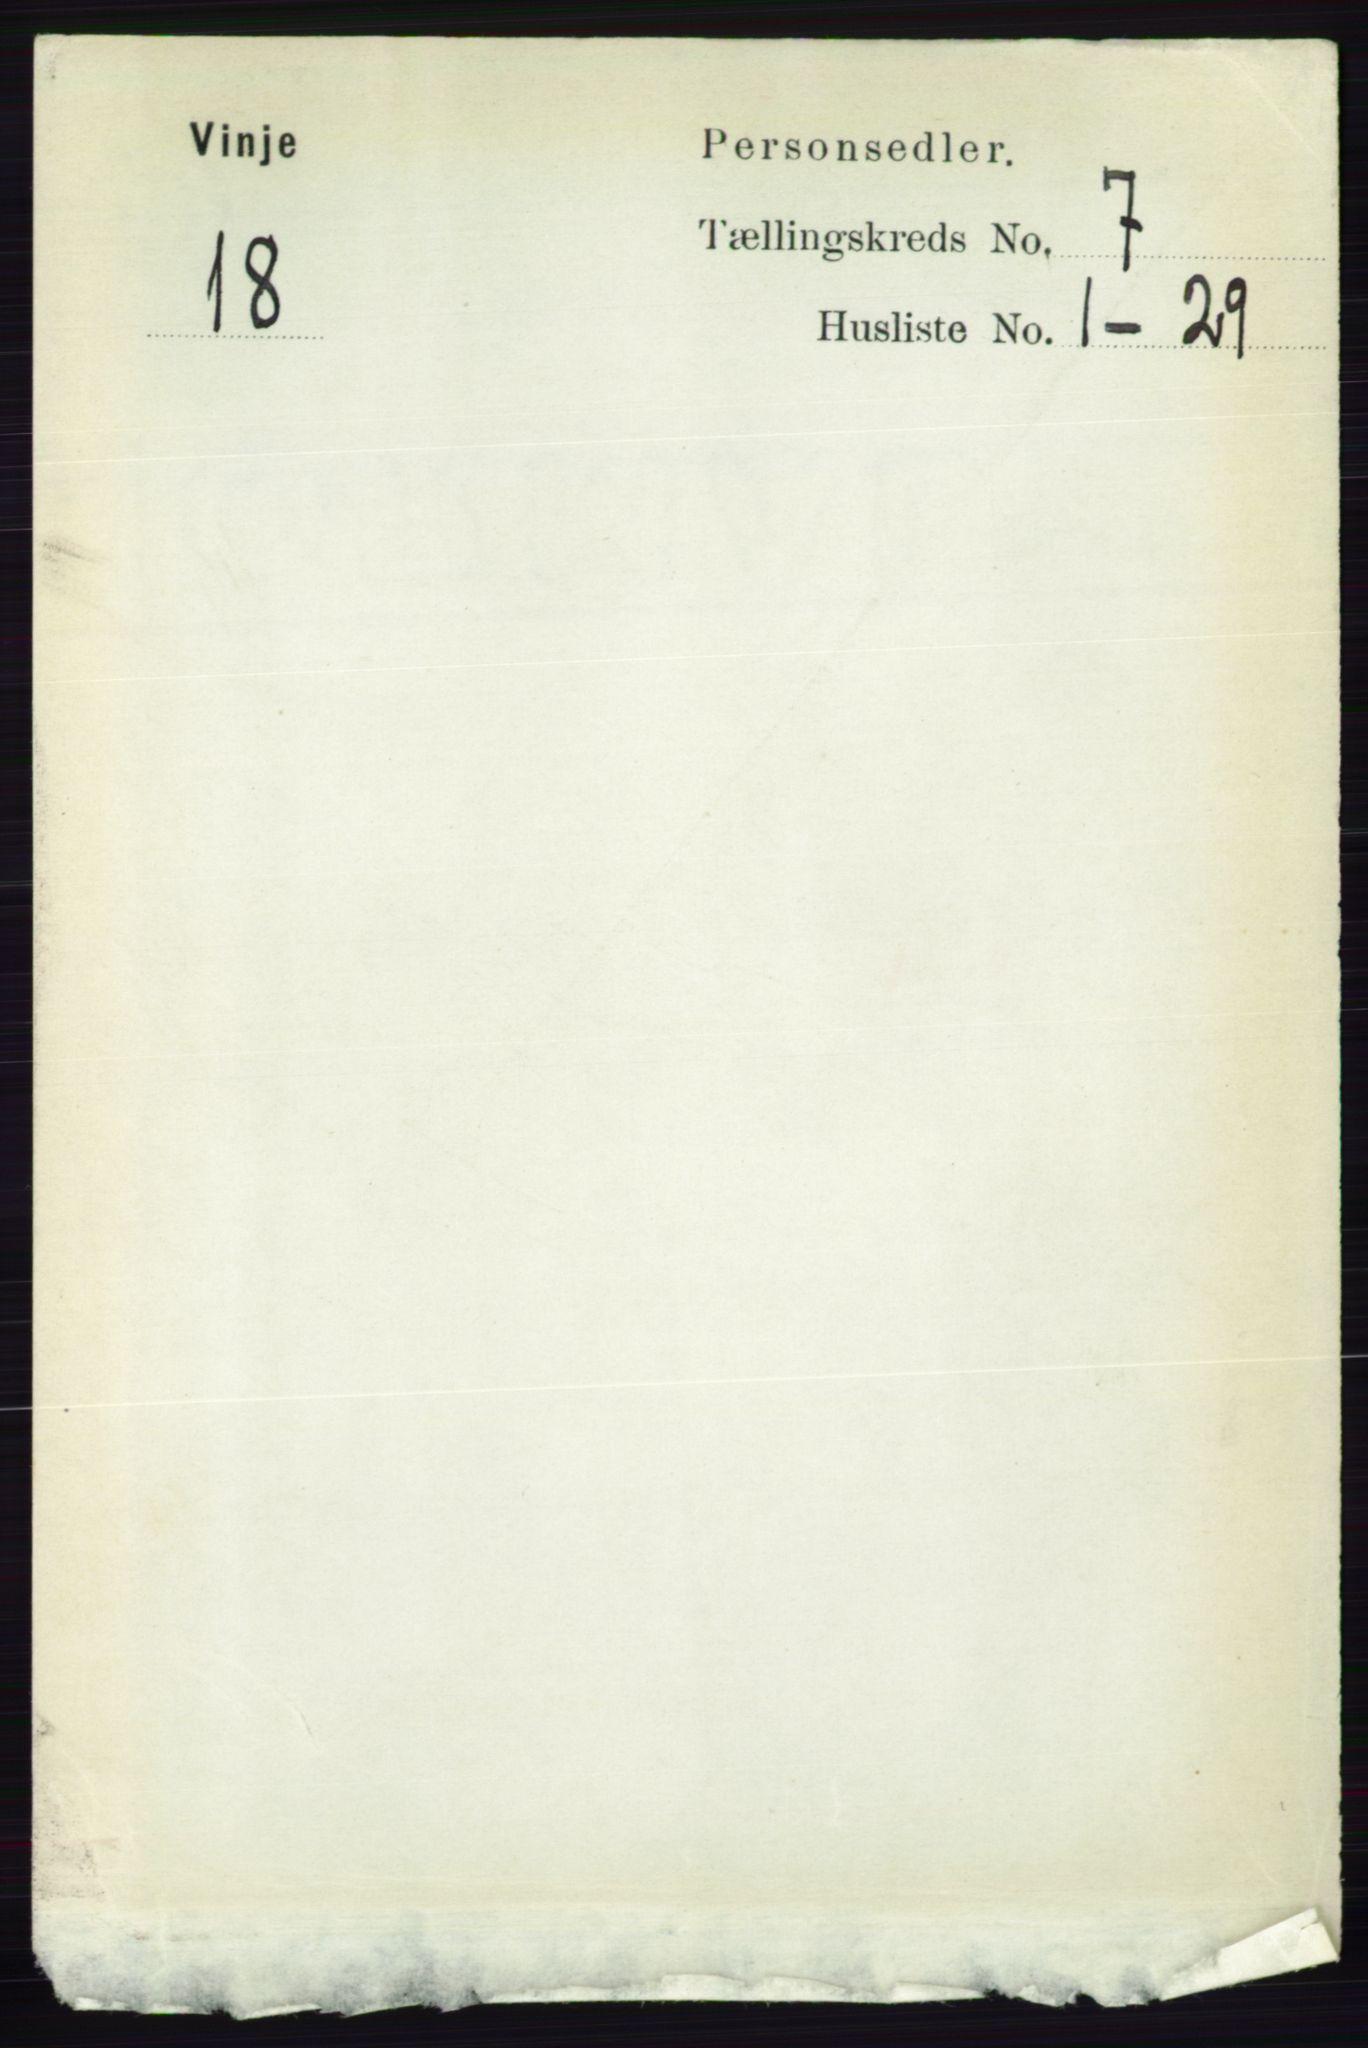 RA, Folketelling 1891 for 0834 Vinje herred, 1891, s. 1799